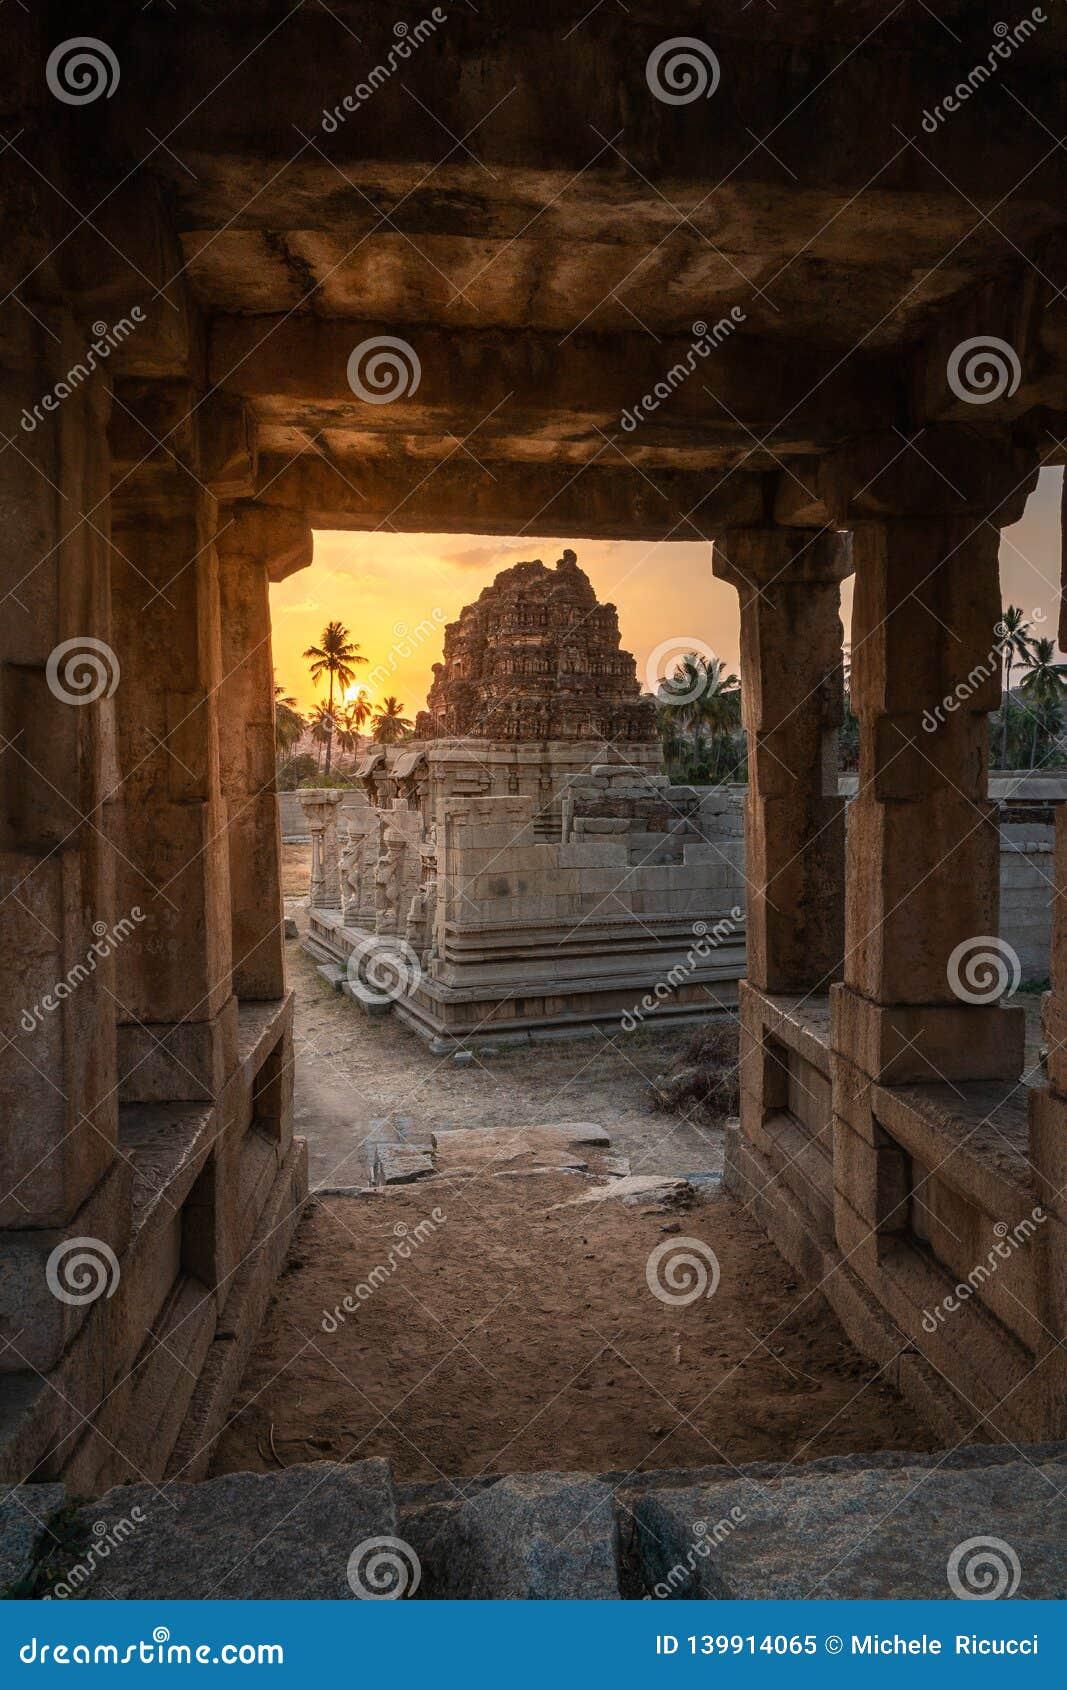 Achyutaraya Tempel in hampi karnakata Indien bei Sonnenaufgang mit Ansichtvertikale des bewölkten Himmels von einer Steintür